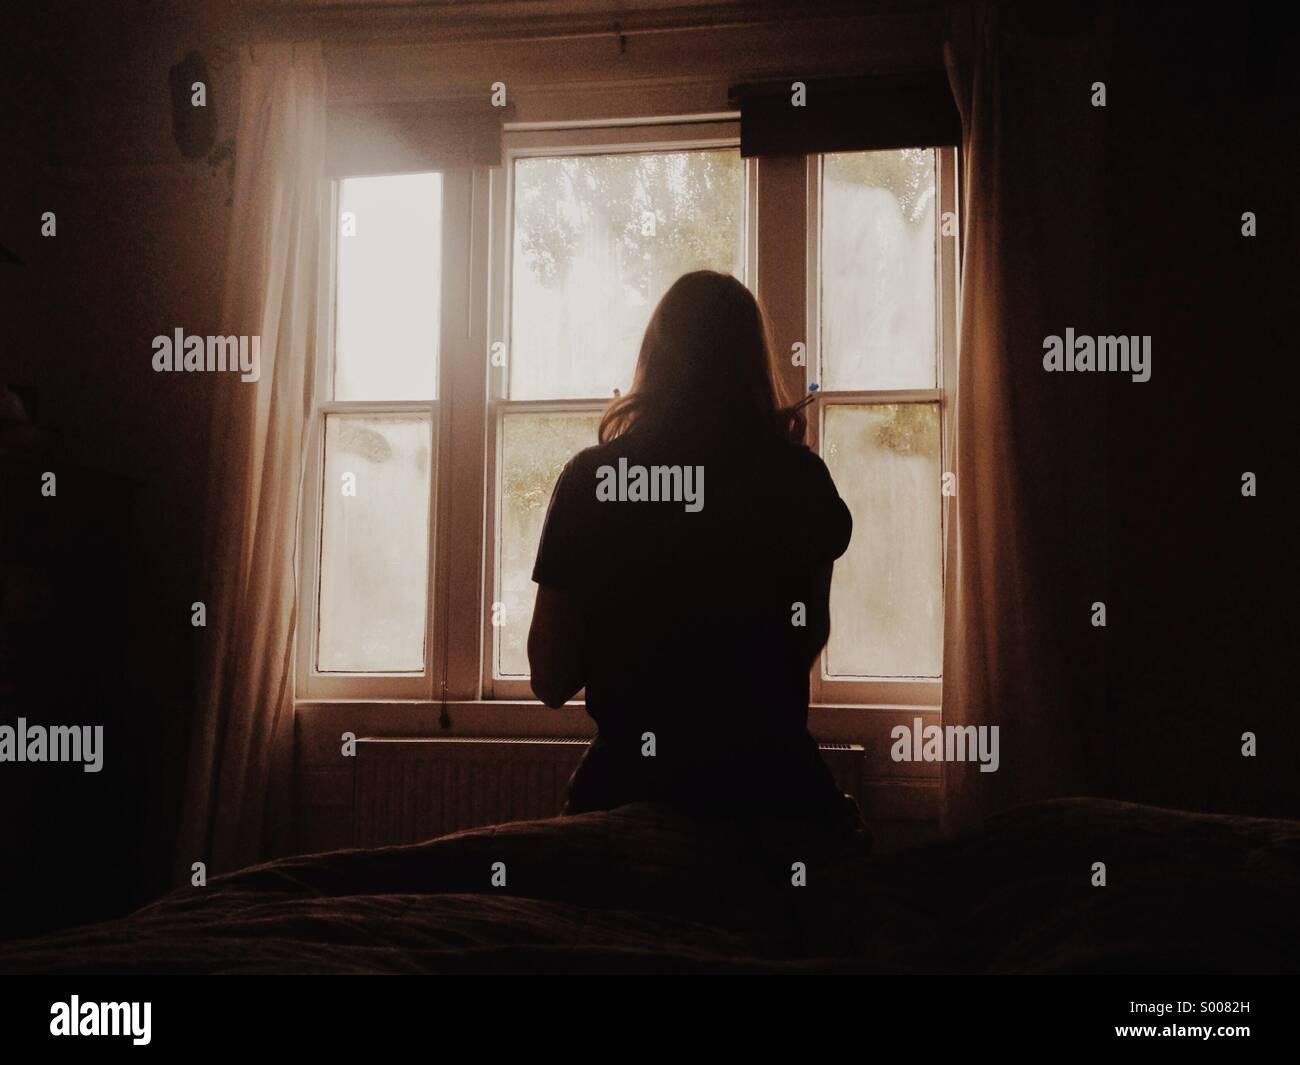 Una chica se prepara en su habitación al amanecer. Imagen De Stock